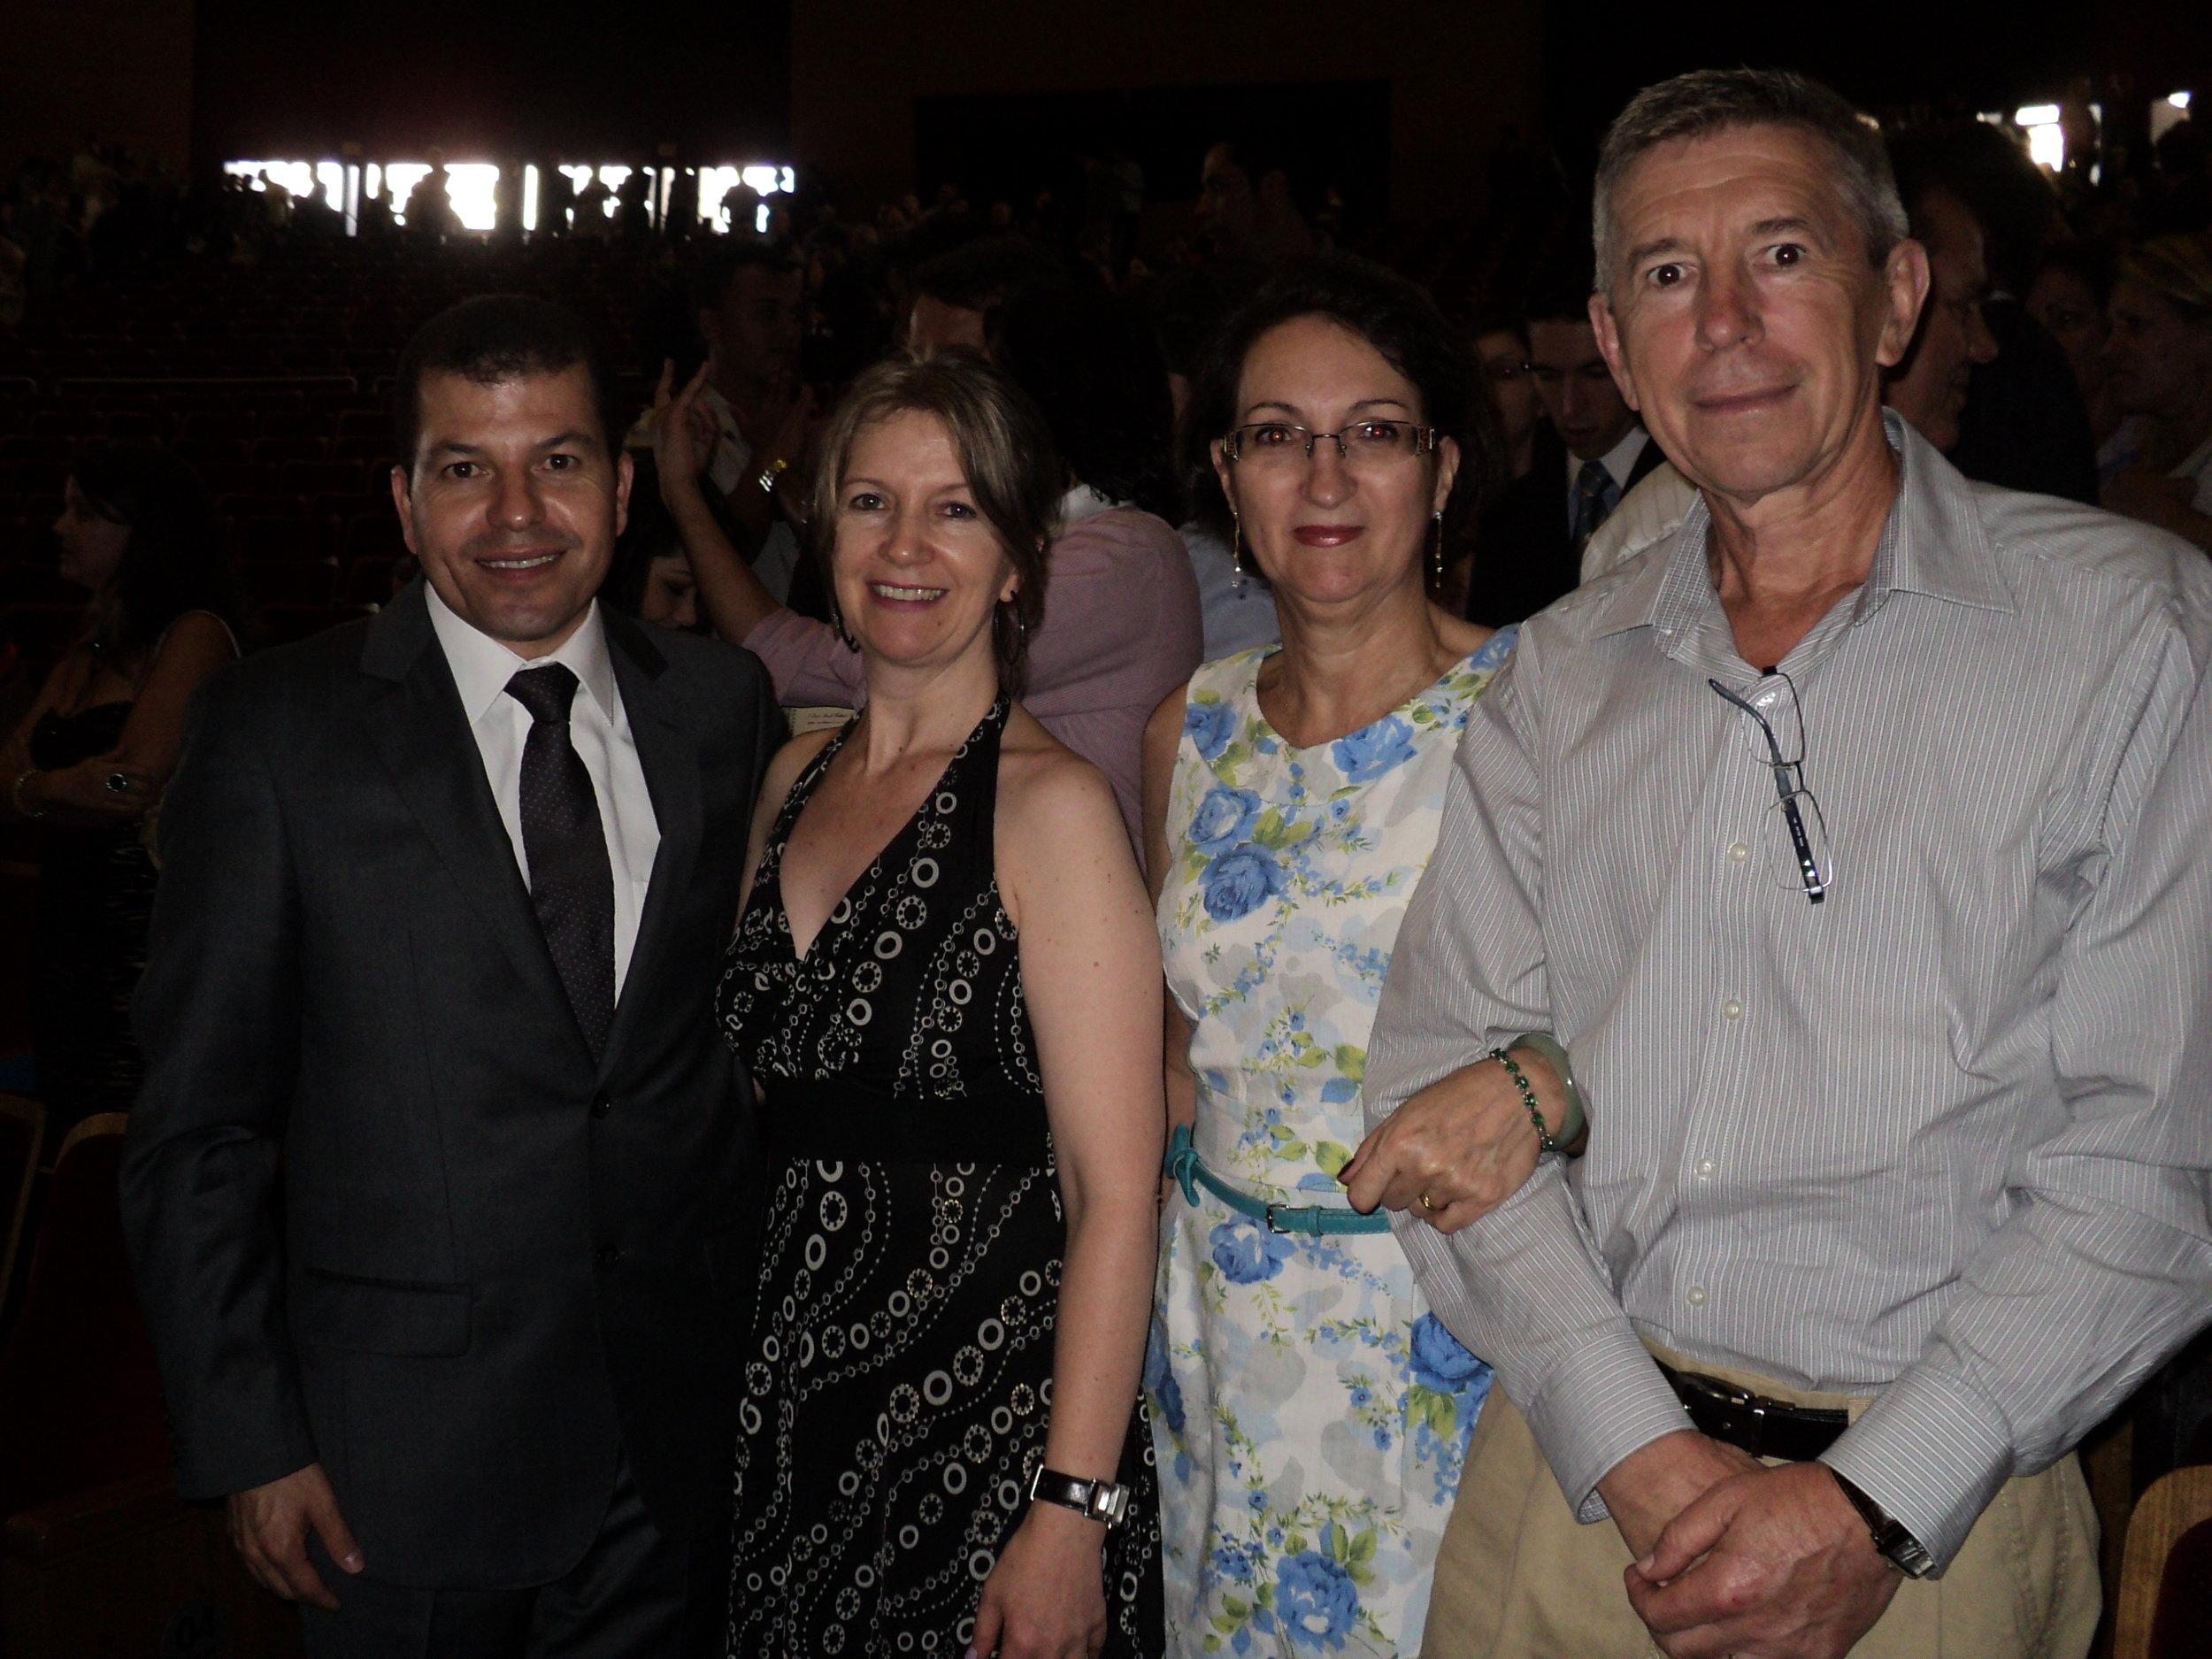 Diplomação Vereador 2012 - Teatro Positivo 18.12 (4).JPG